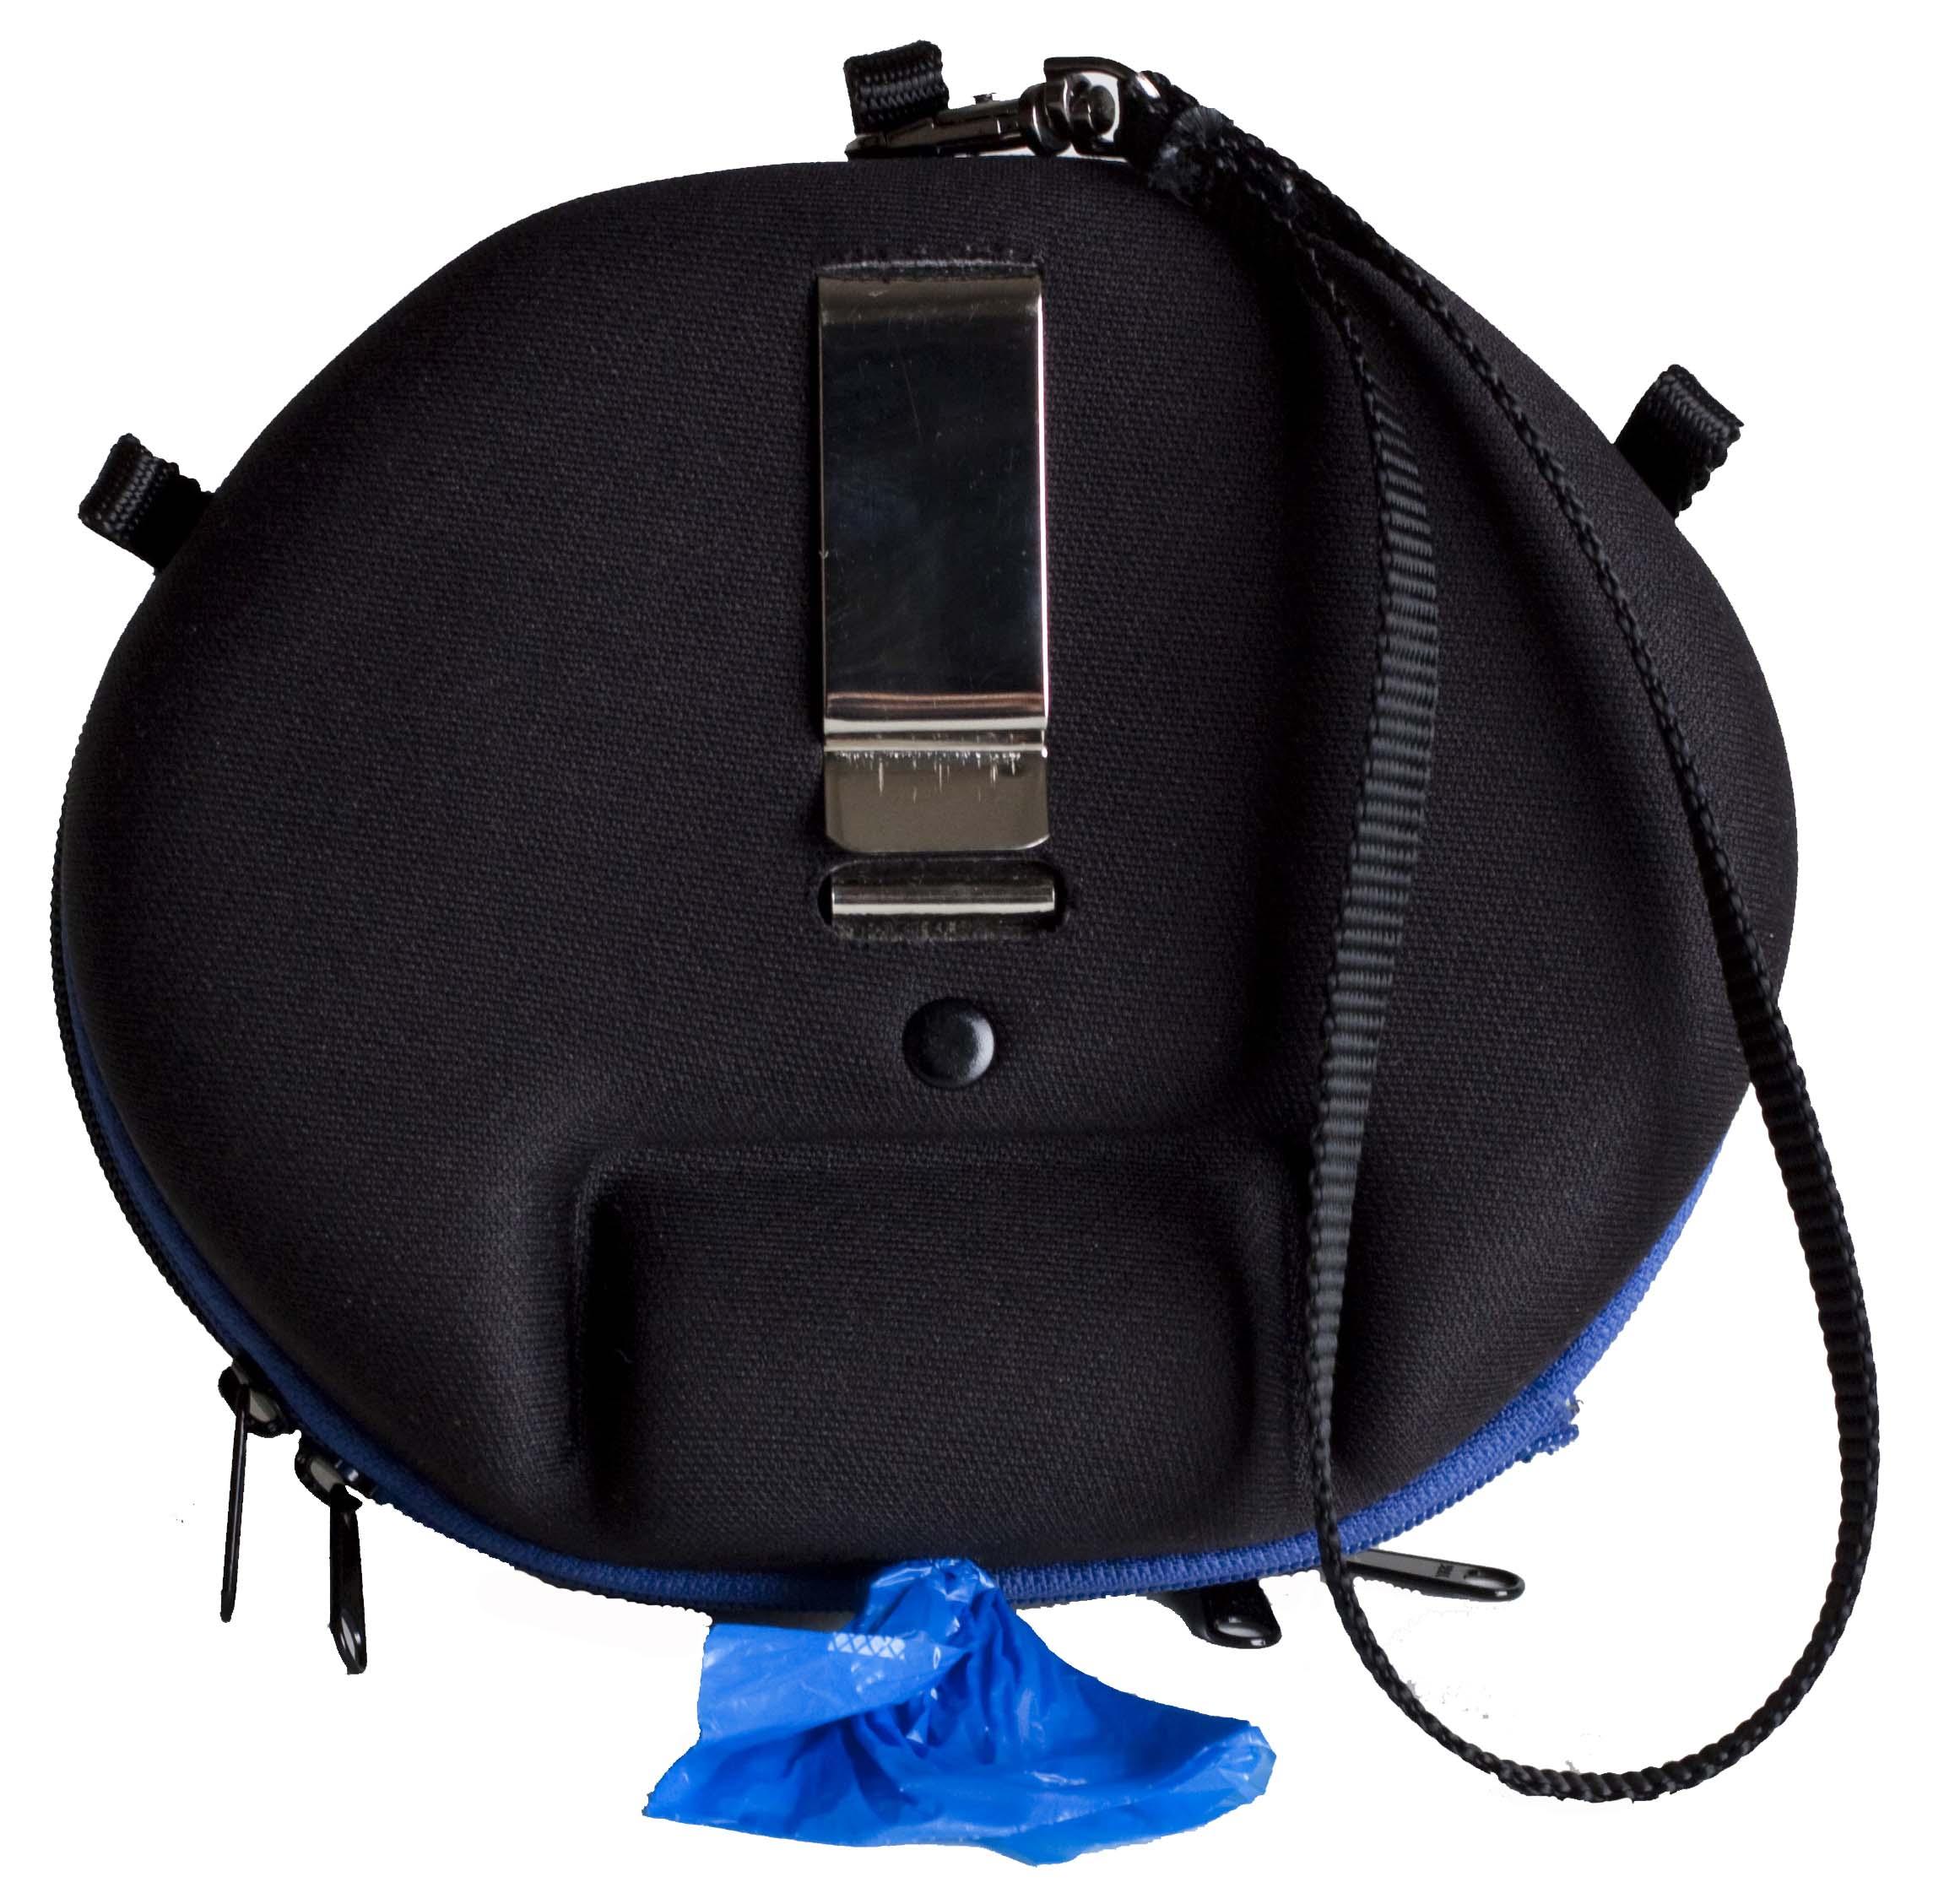 PoopPac Dog Poop Bag Carrier